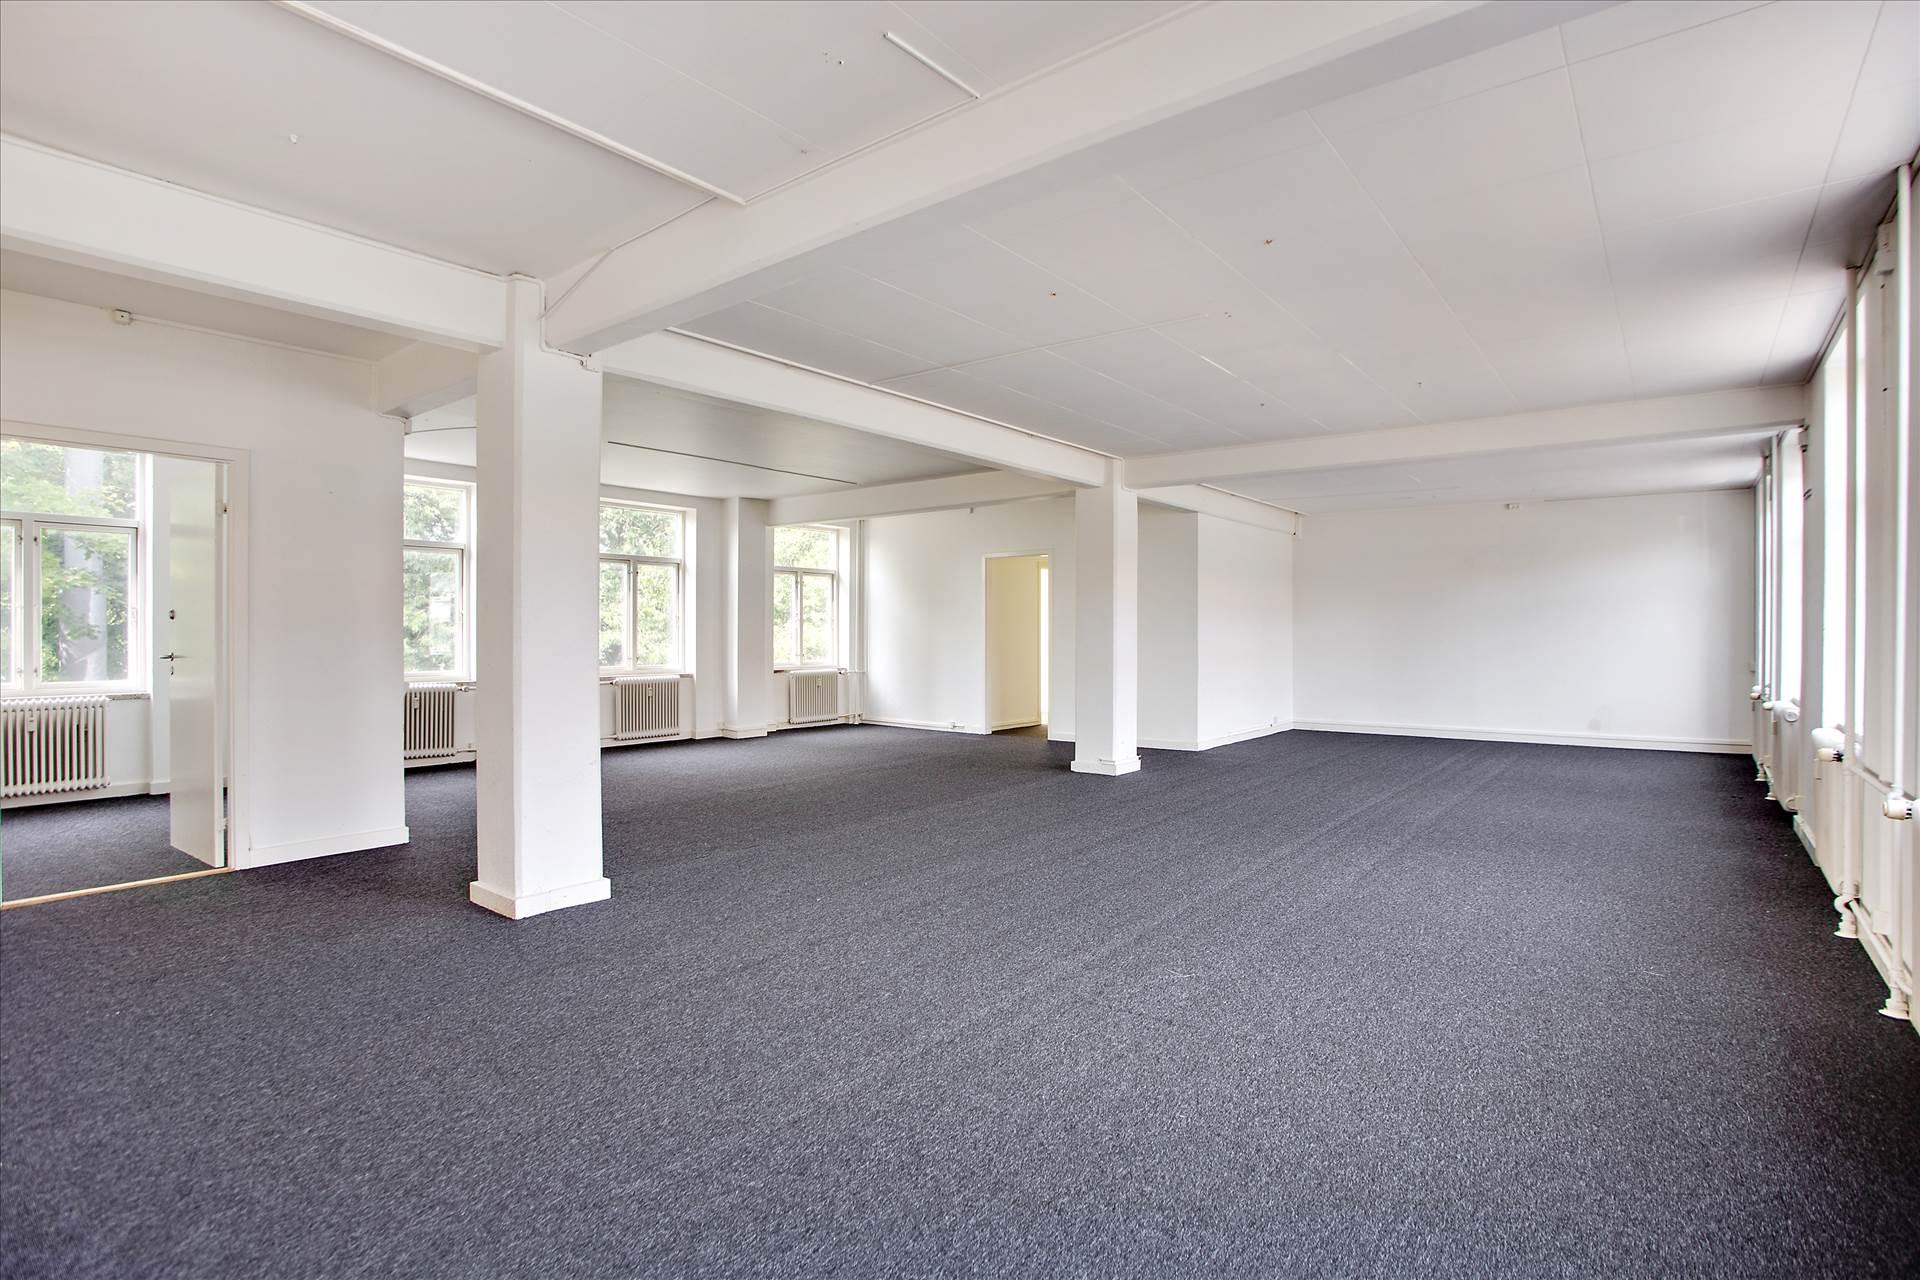 234 m² erhvervslokale • Hvidovre